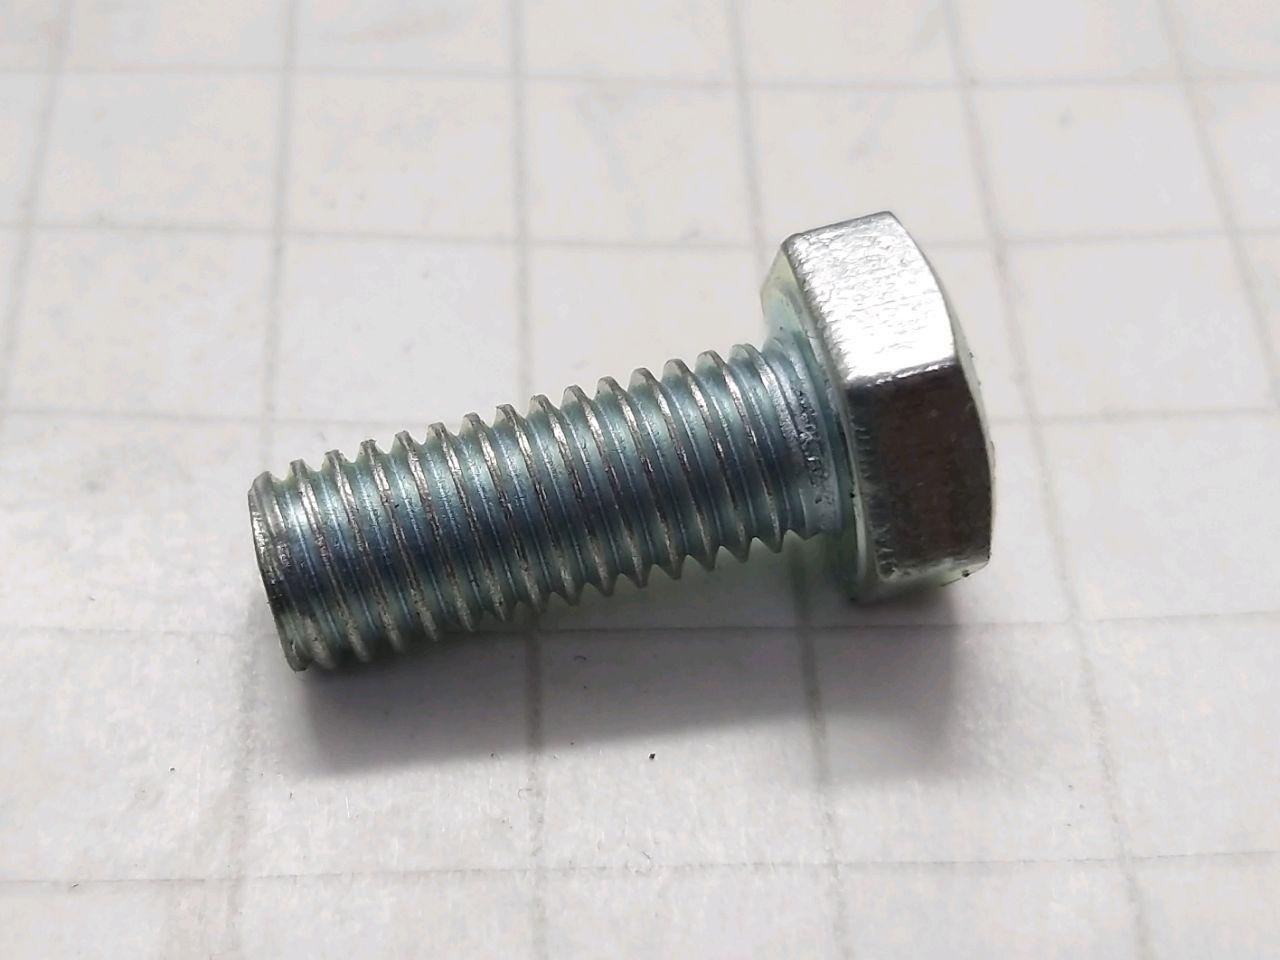 Bulon 8х20M DIN933 8.8 zinc.